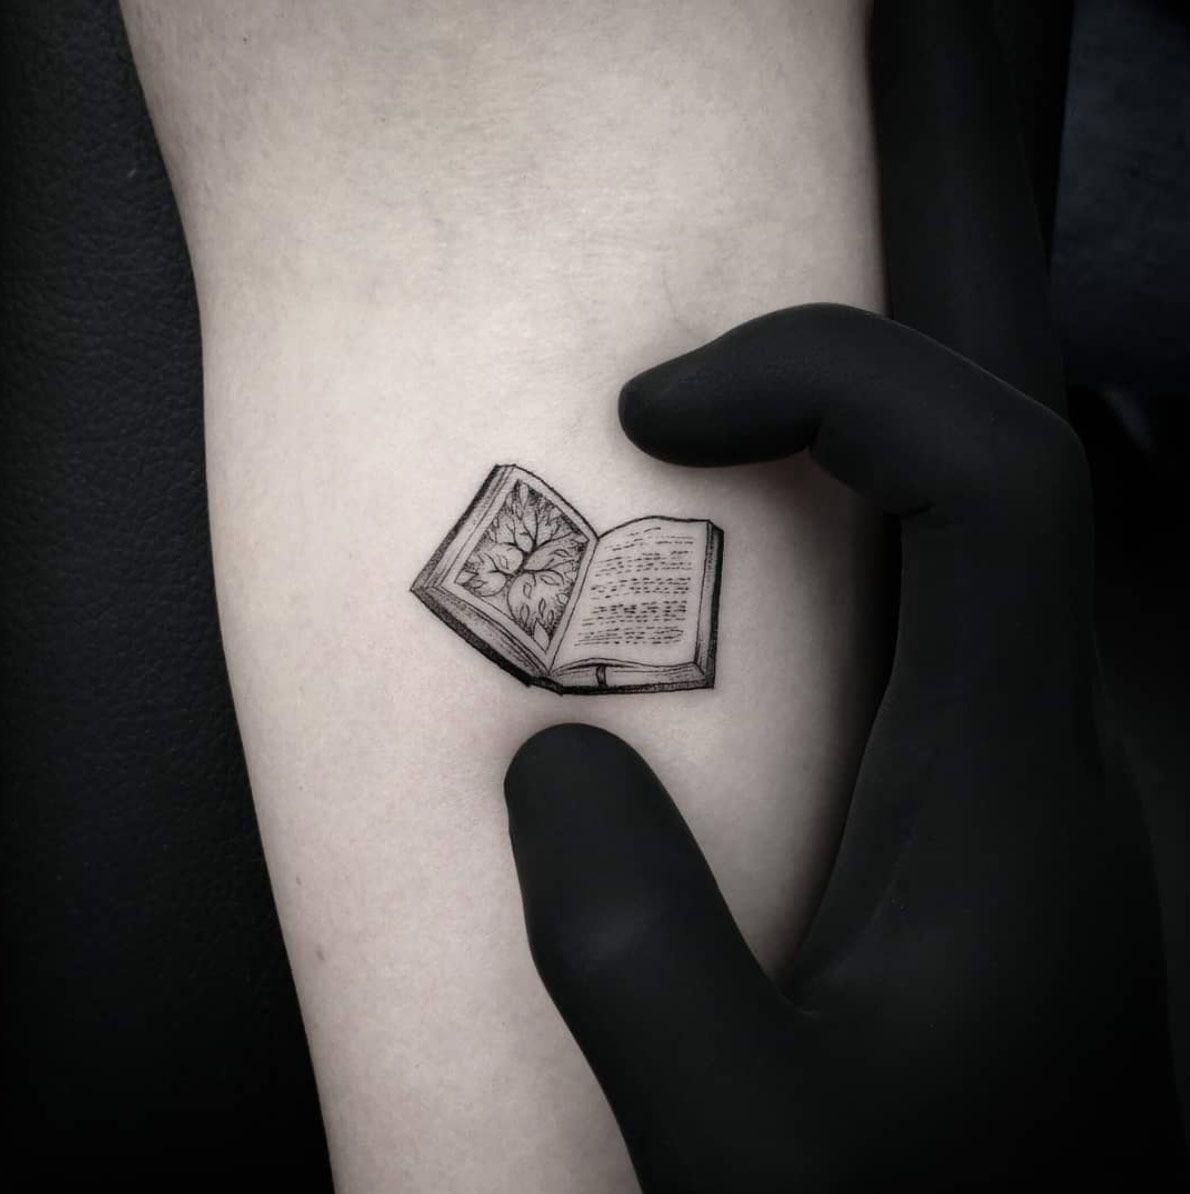 Tatuagens Femininas Delicadas No Braço (159)